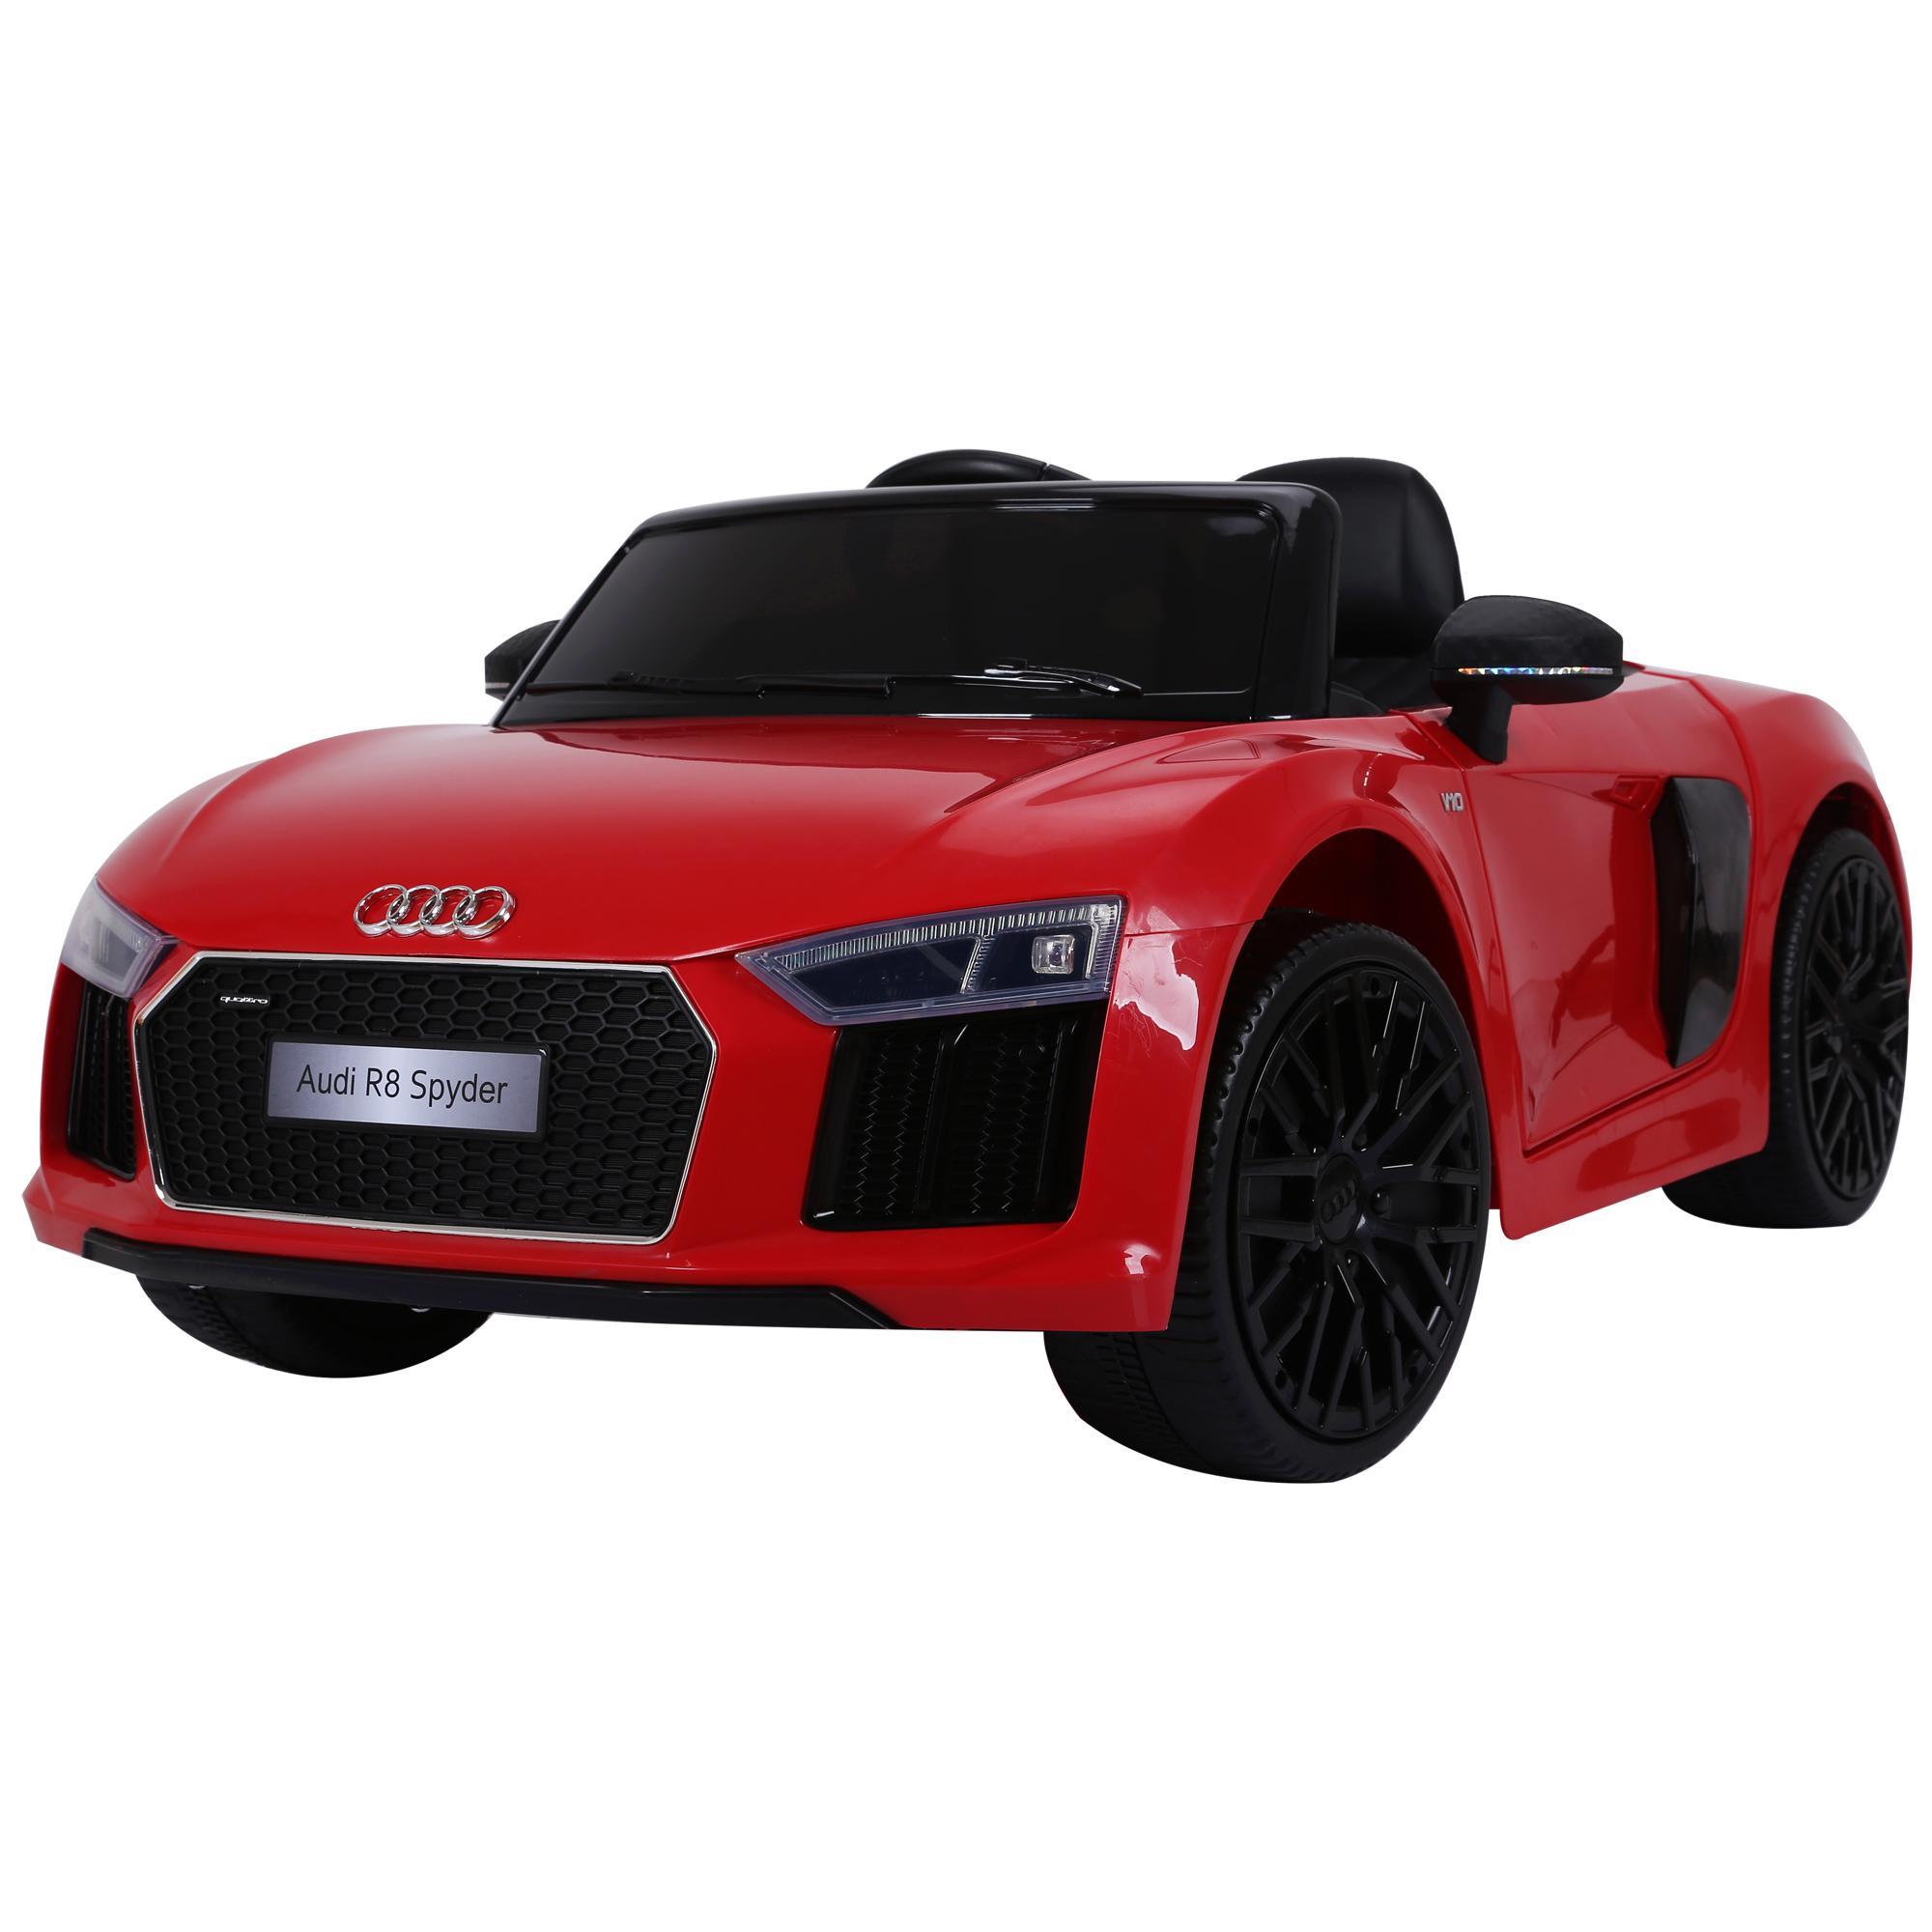 Coche-Electrico-para-Nino-3-8-Anos-Audi-R8-Bateria-12V-Control-Remoto-Carga-30kg miniatura 15